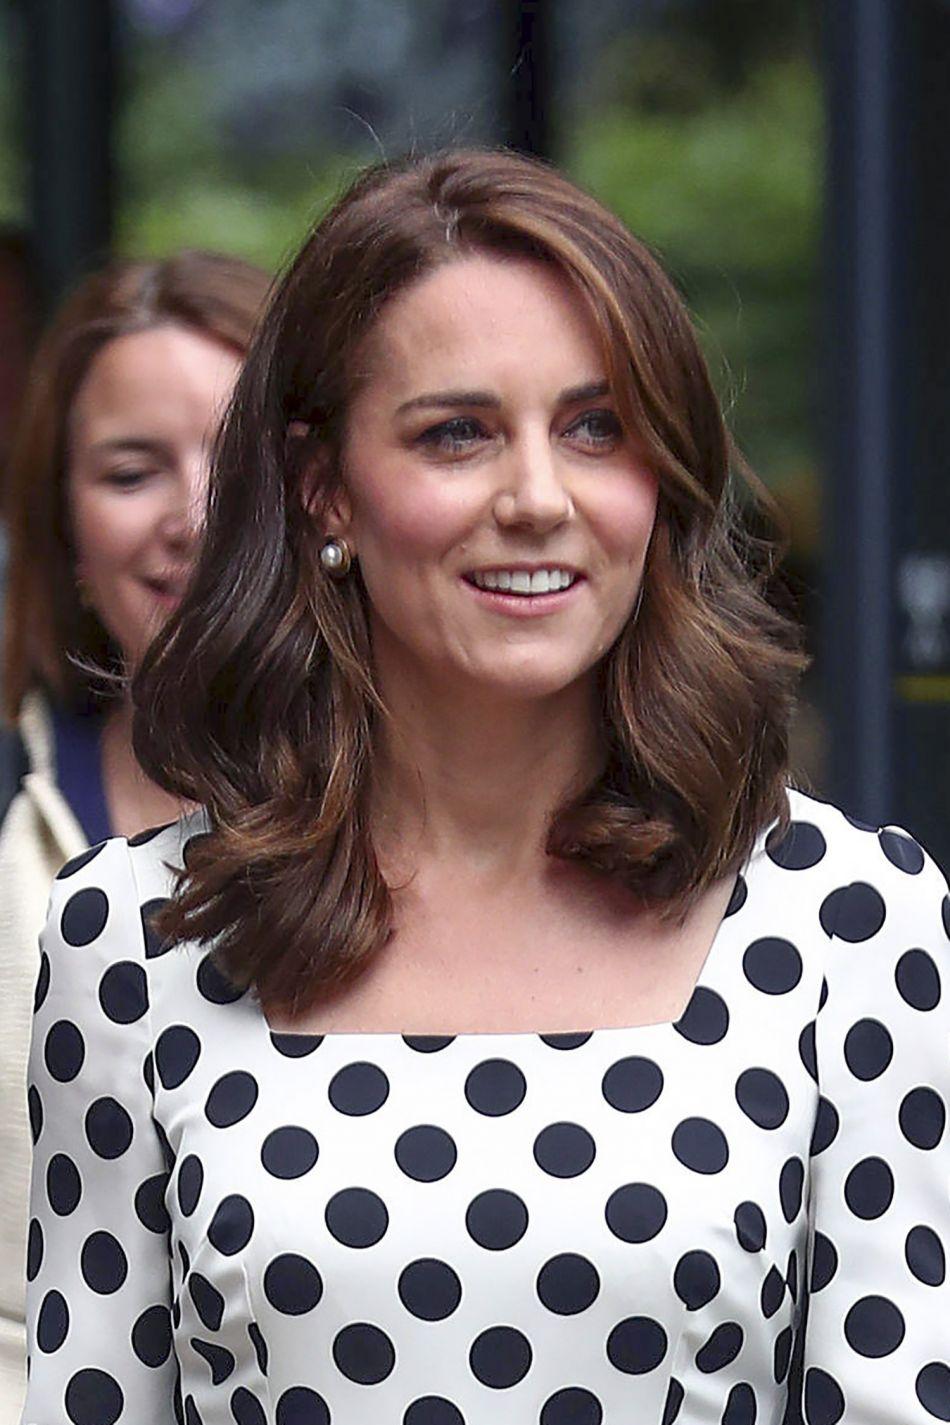 Kate middleton sa nouvelle coupe de cheveux fait sensation for Nouvelle coupe de cheveux pharrell